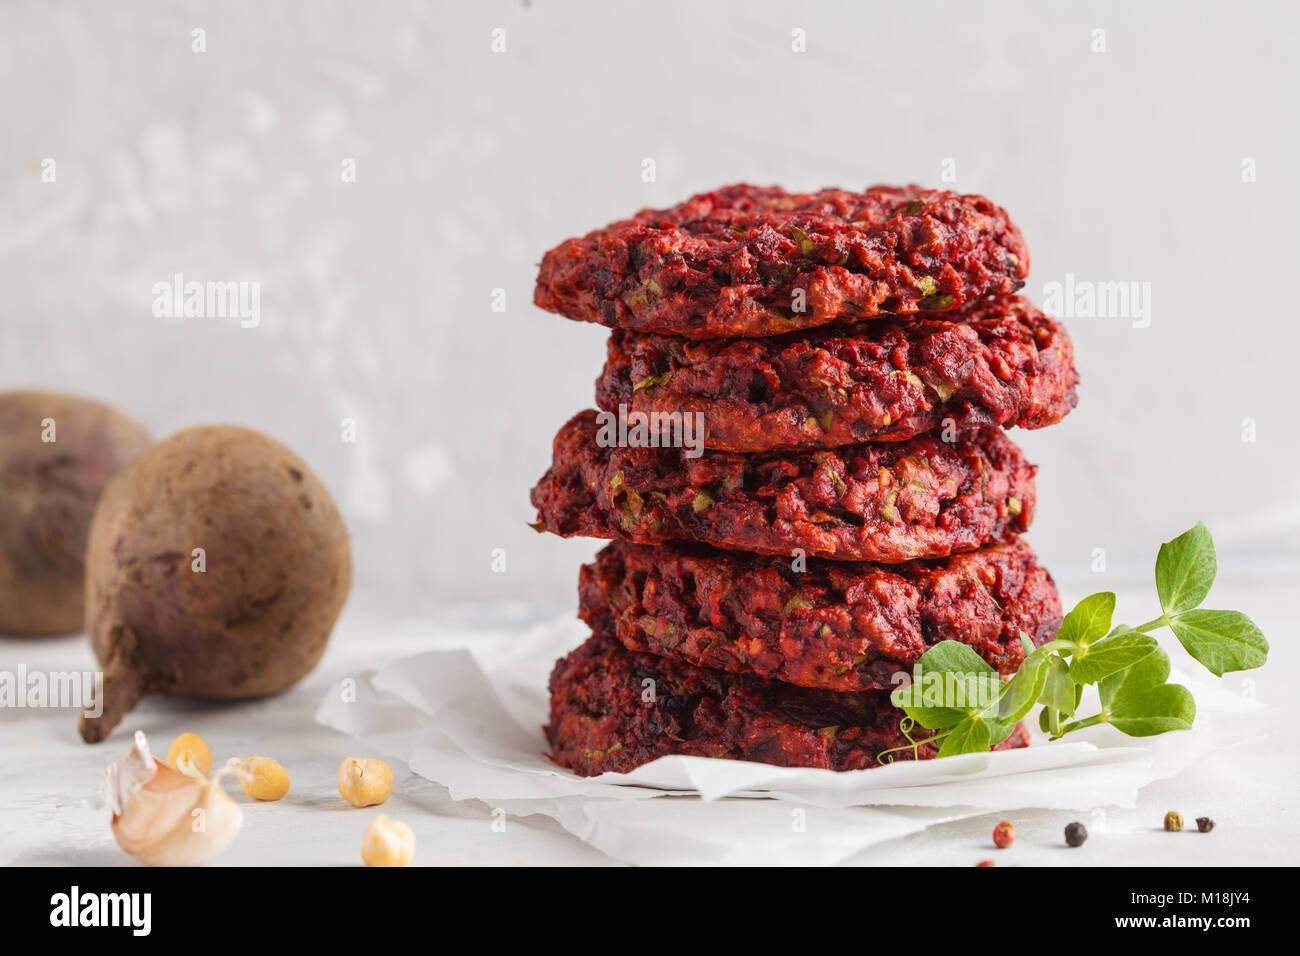 La barbabietola rossa vegane hamburger con ceci e erbe aromatiche. Una sana alimentazione vegetariana concetto. Immagini Stock